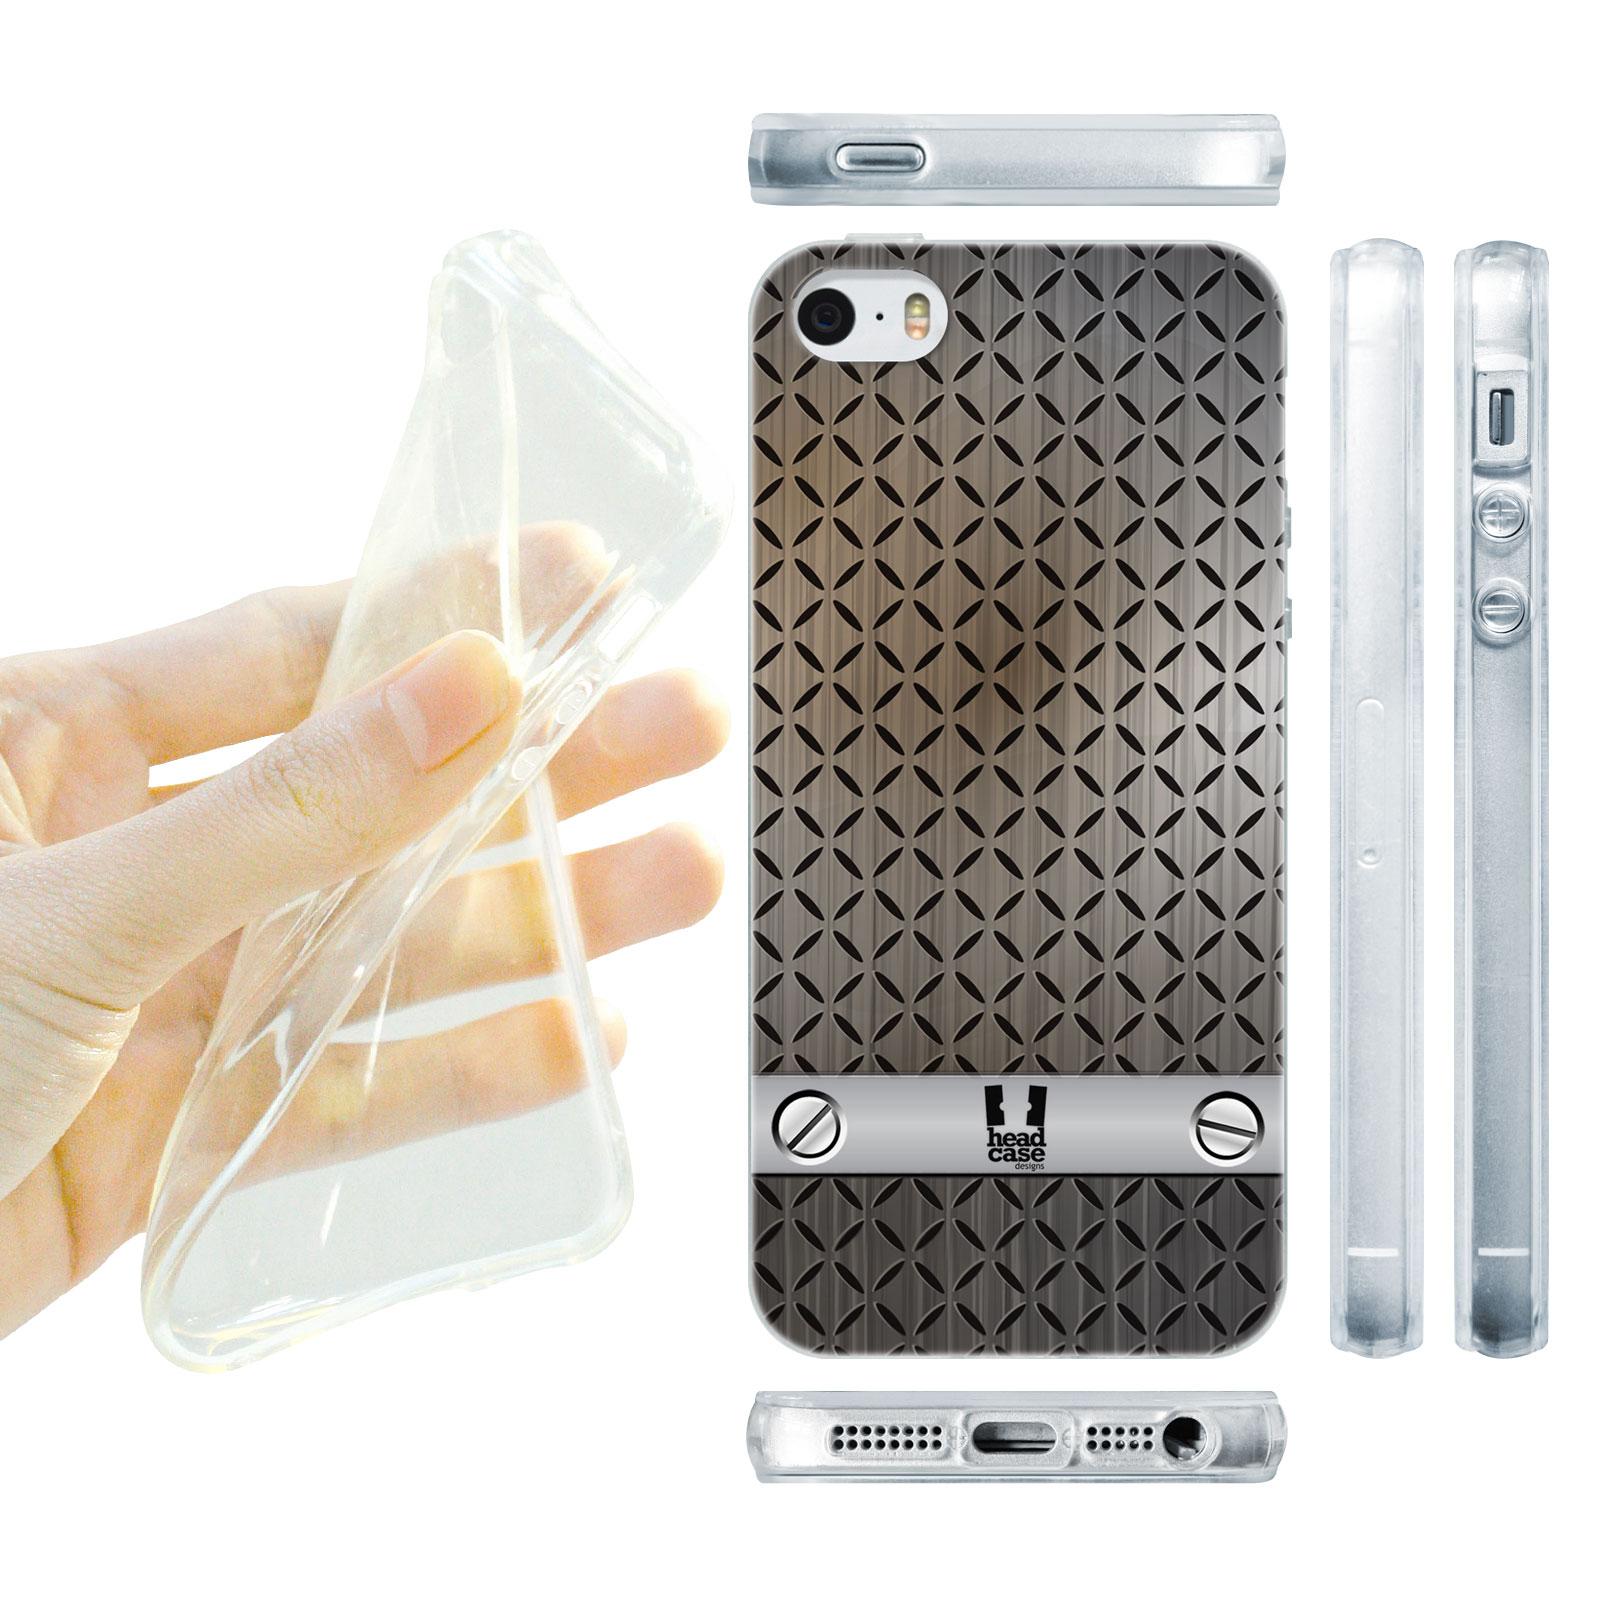 HEAD CASE silikonový obal na mobil Iphone 5/5S imitace železo šedá barva